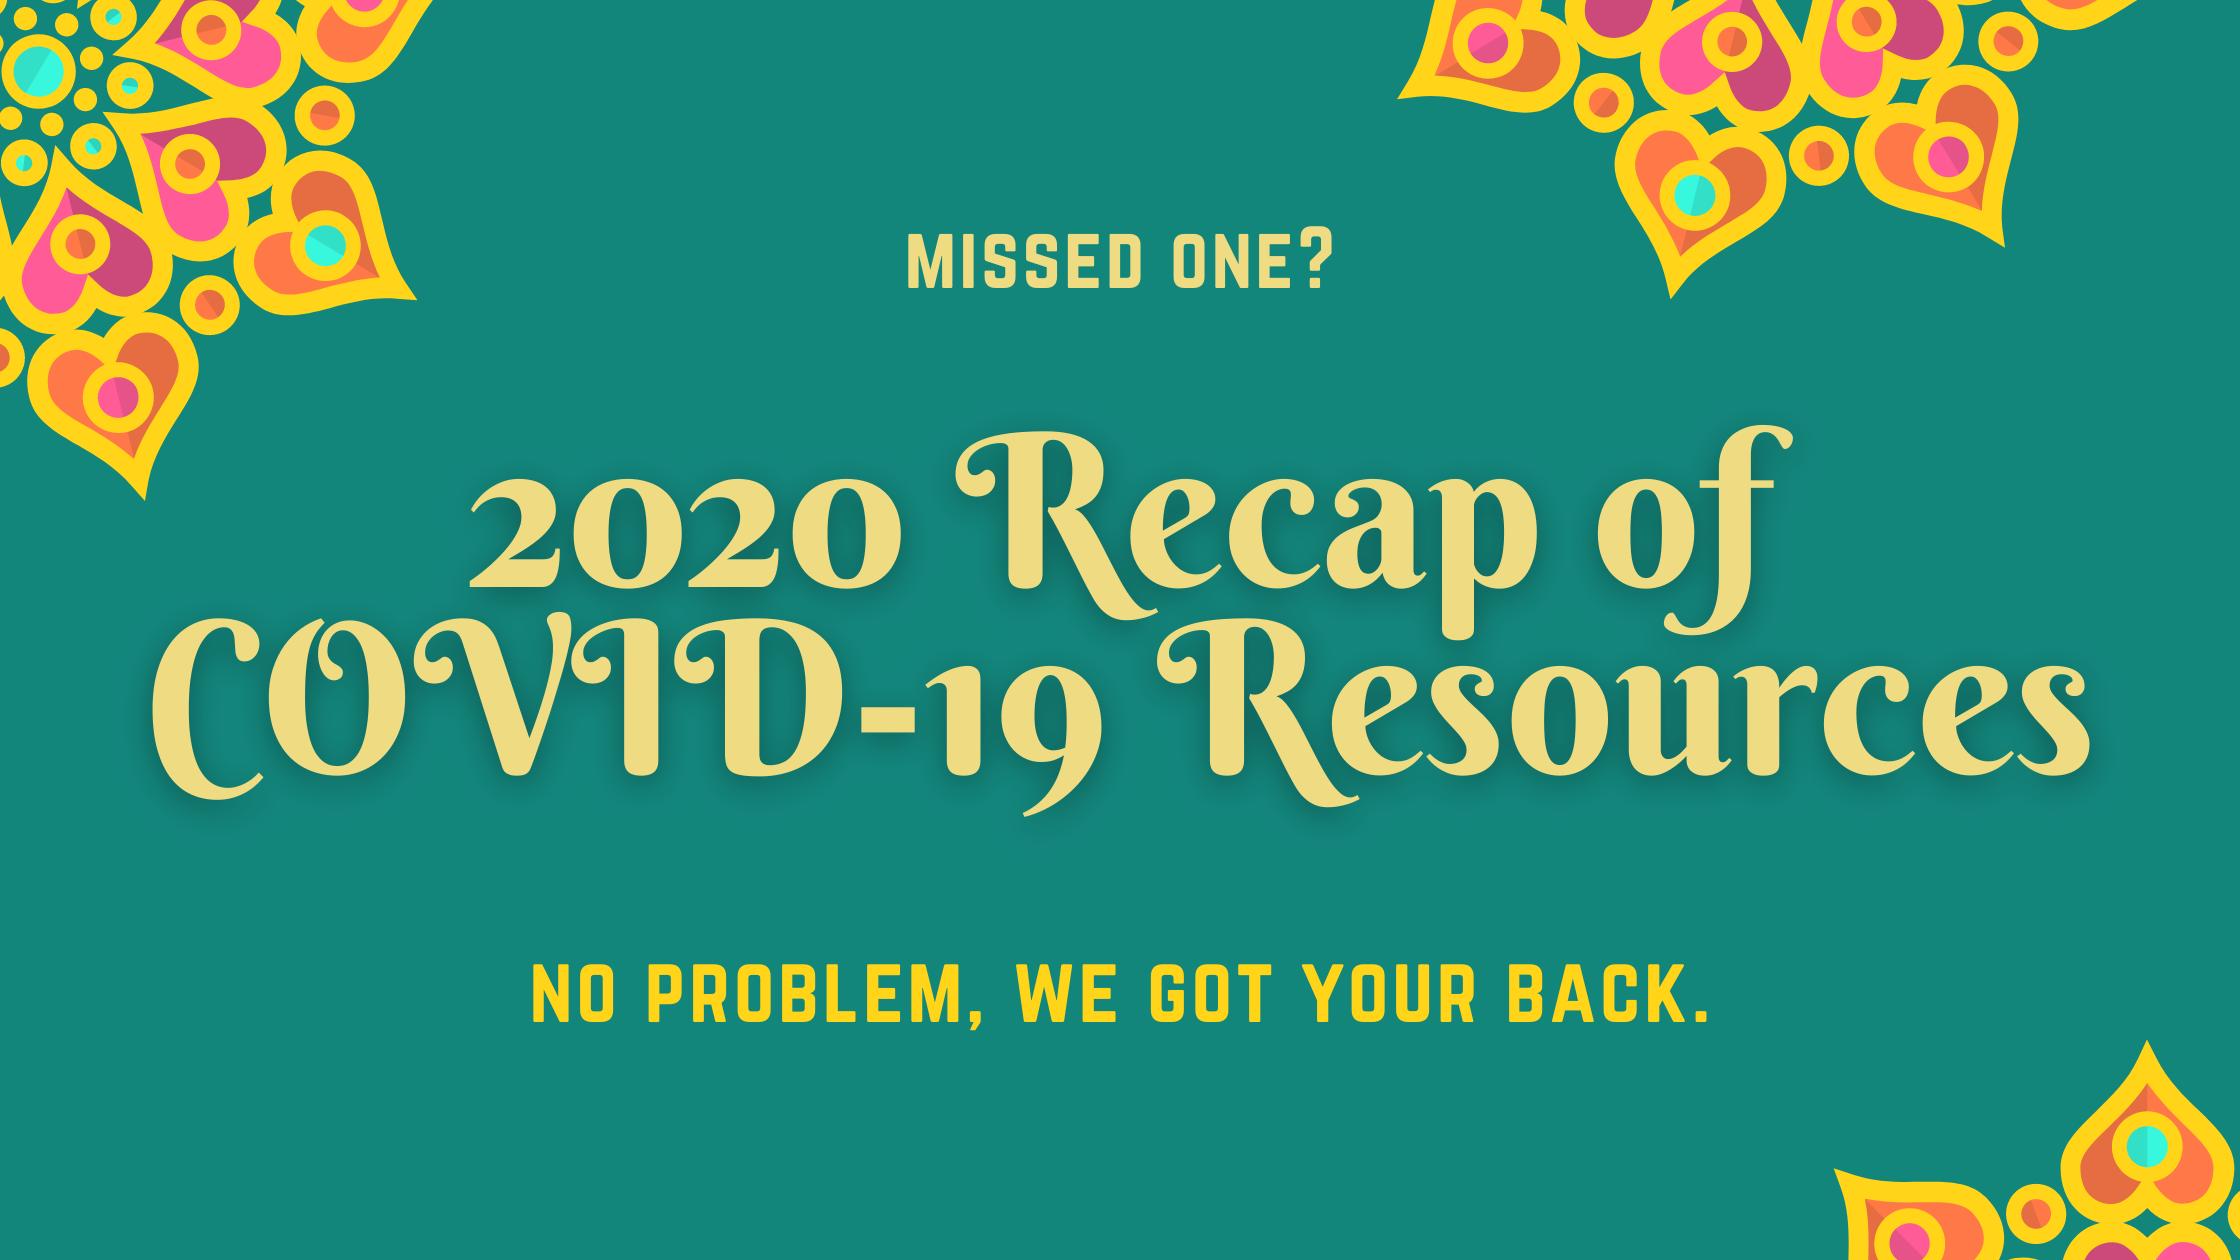 2020-Recap-COVID-19-Tools